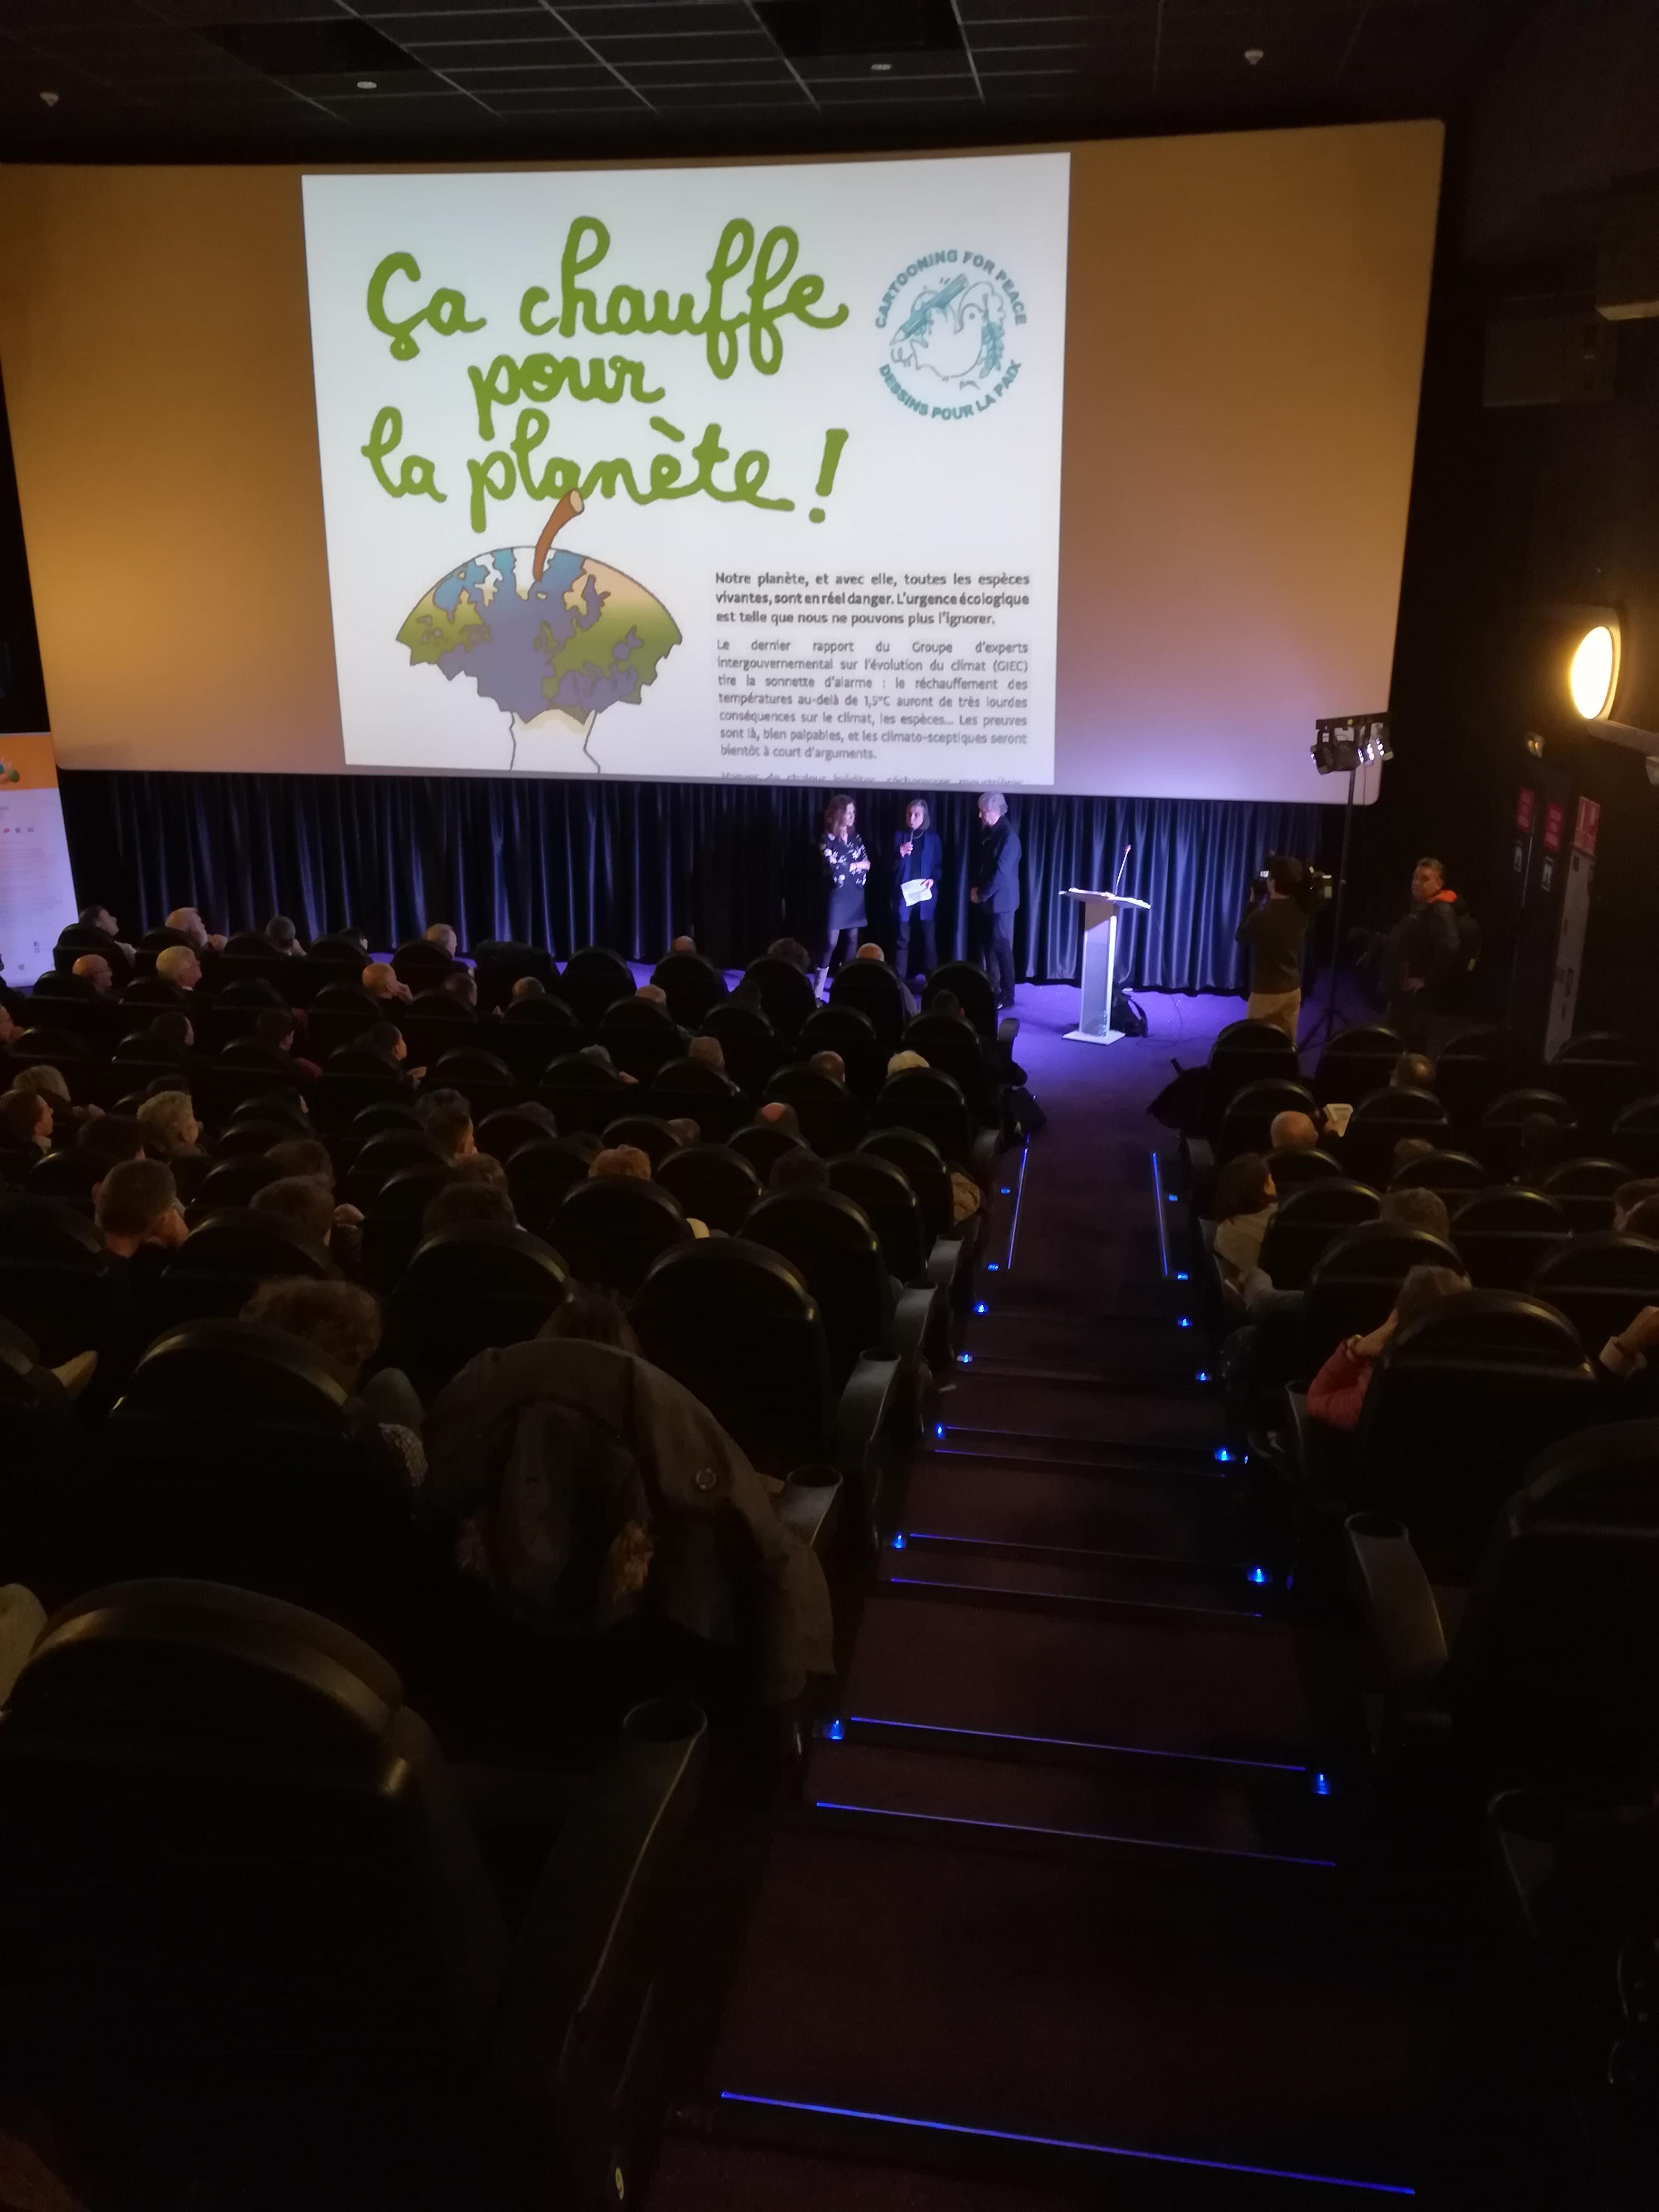 Conférence of Plantu at cinéma Illa Carlemany